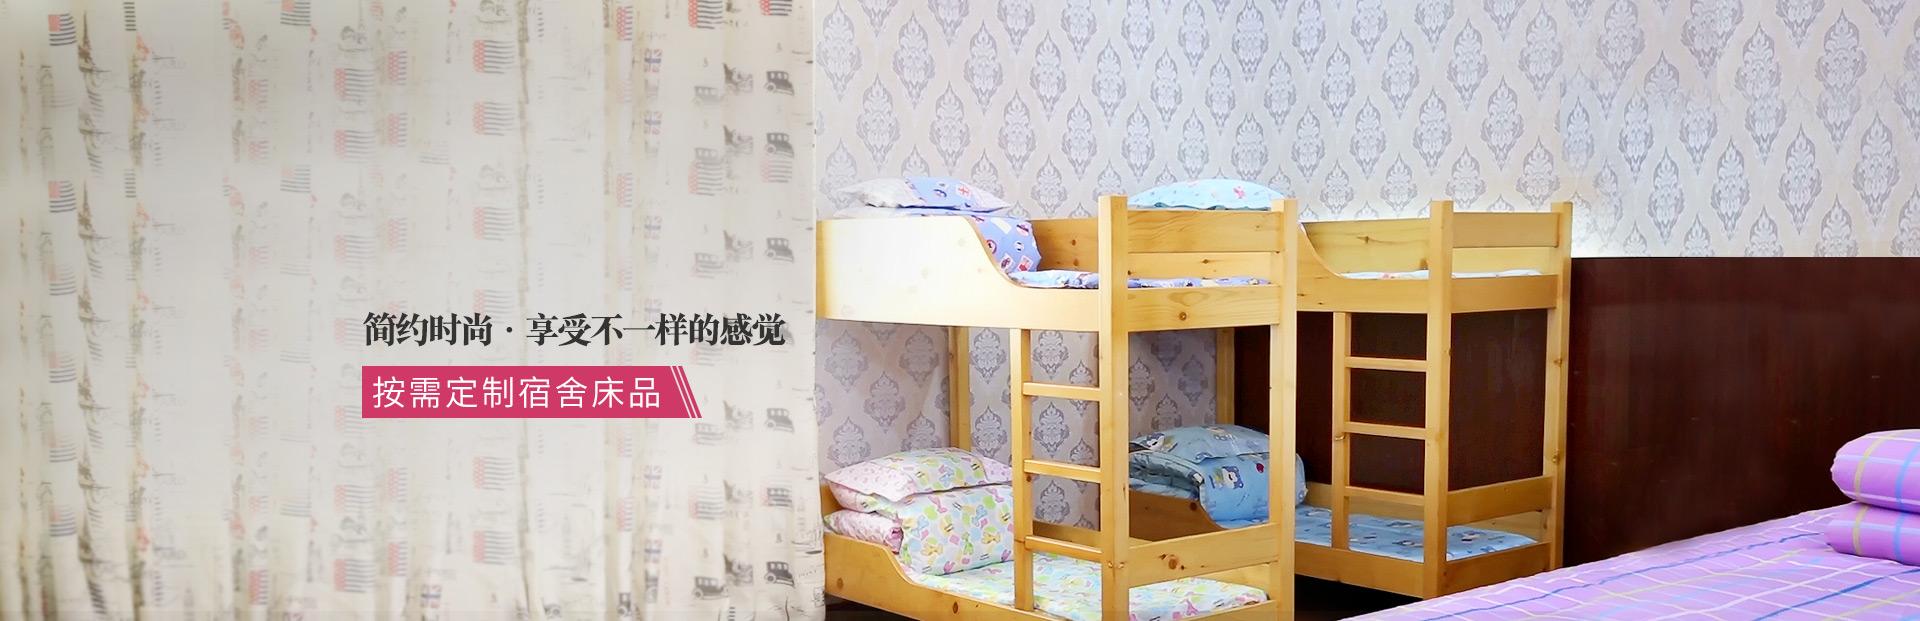 欣乐寝饰-宿舍床品